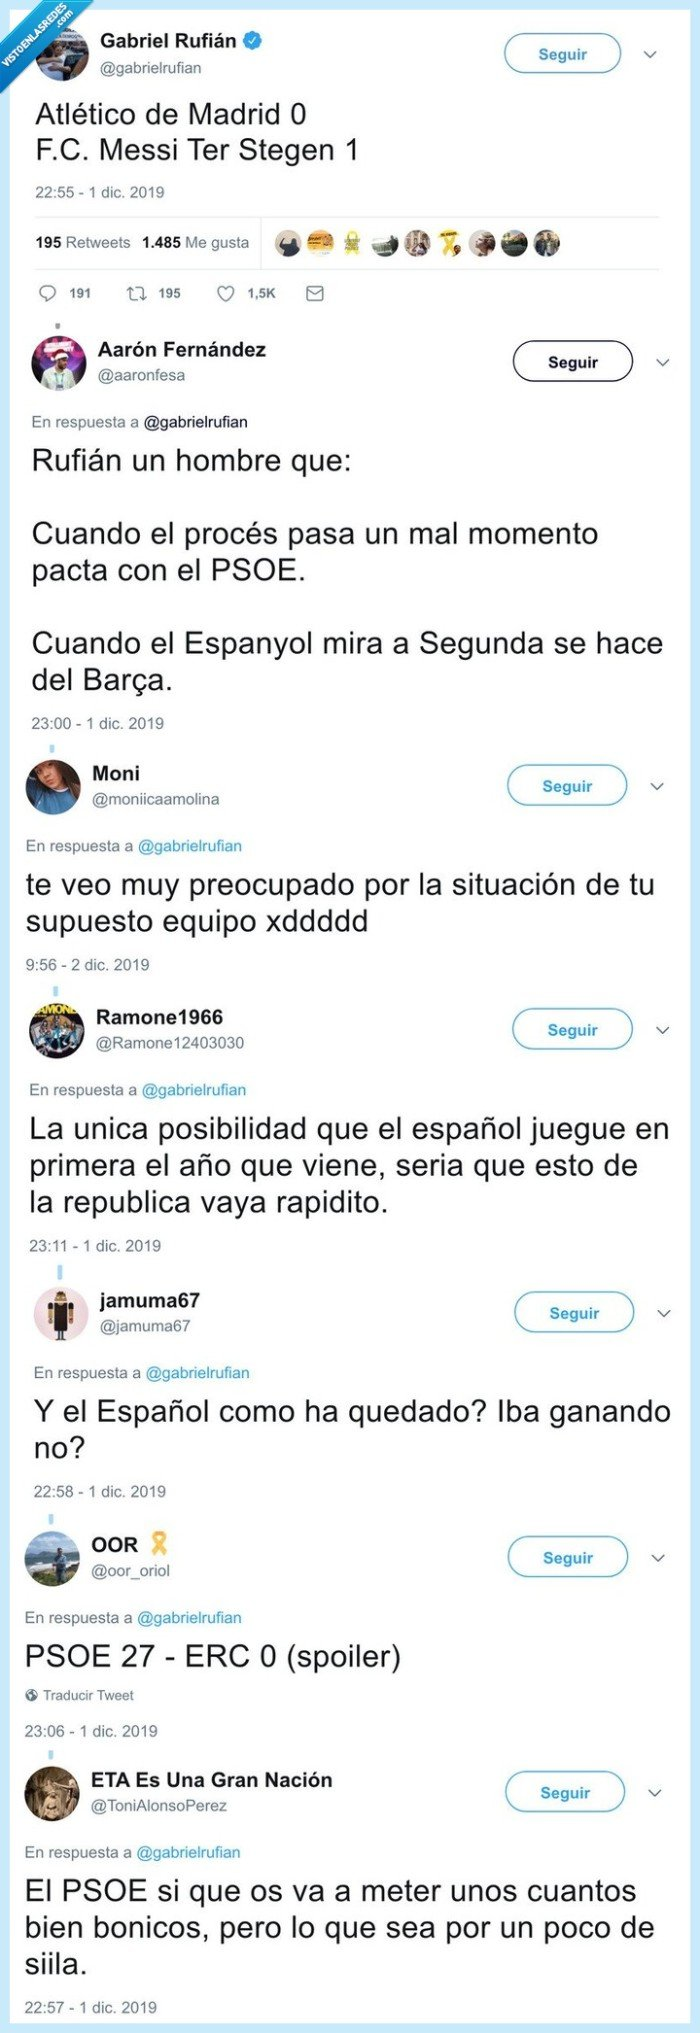 barcelona,chaquetero,erc,gabriel rufián